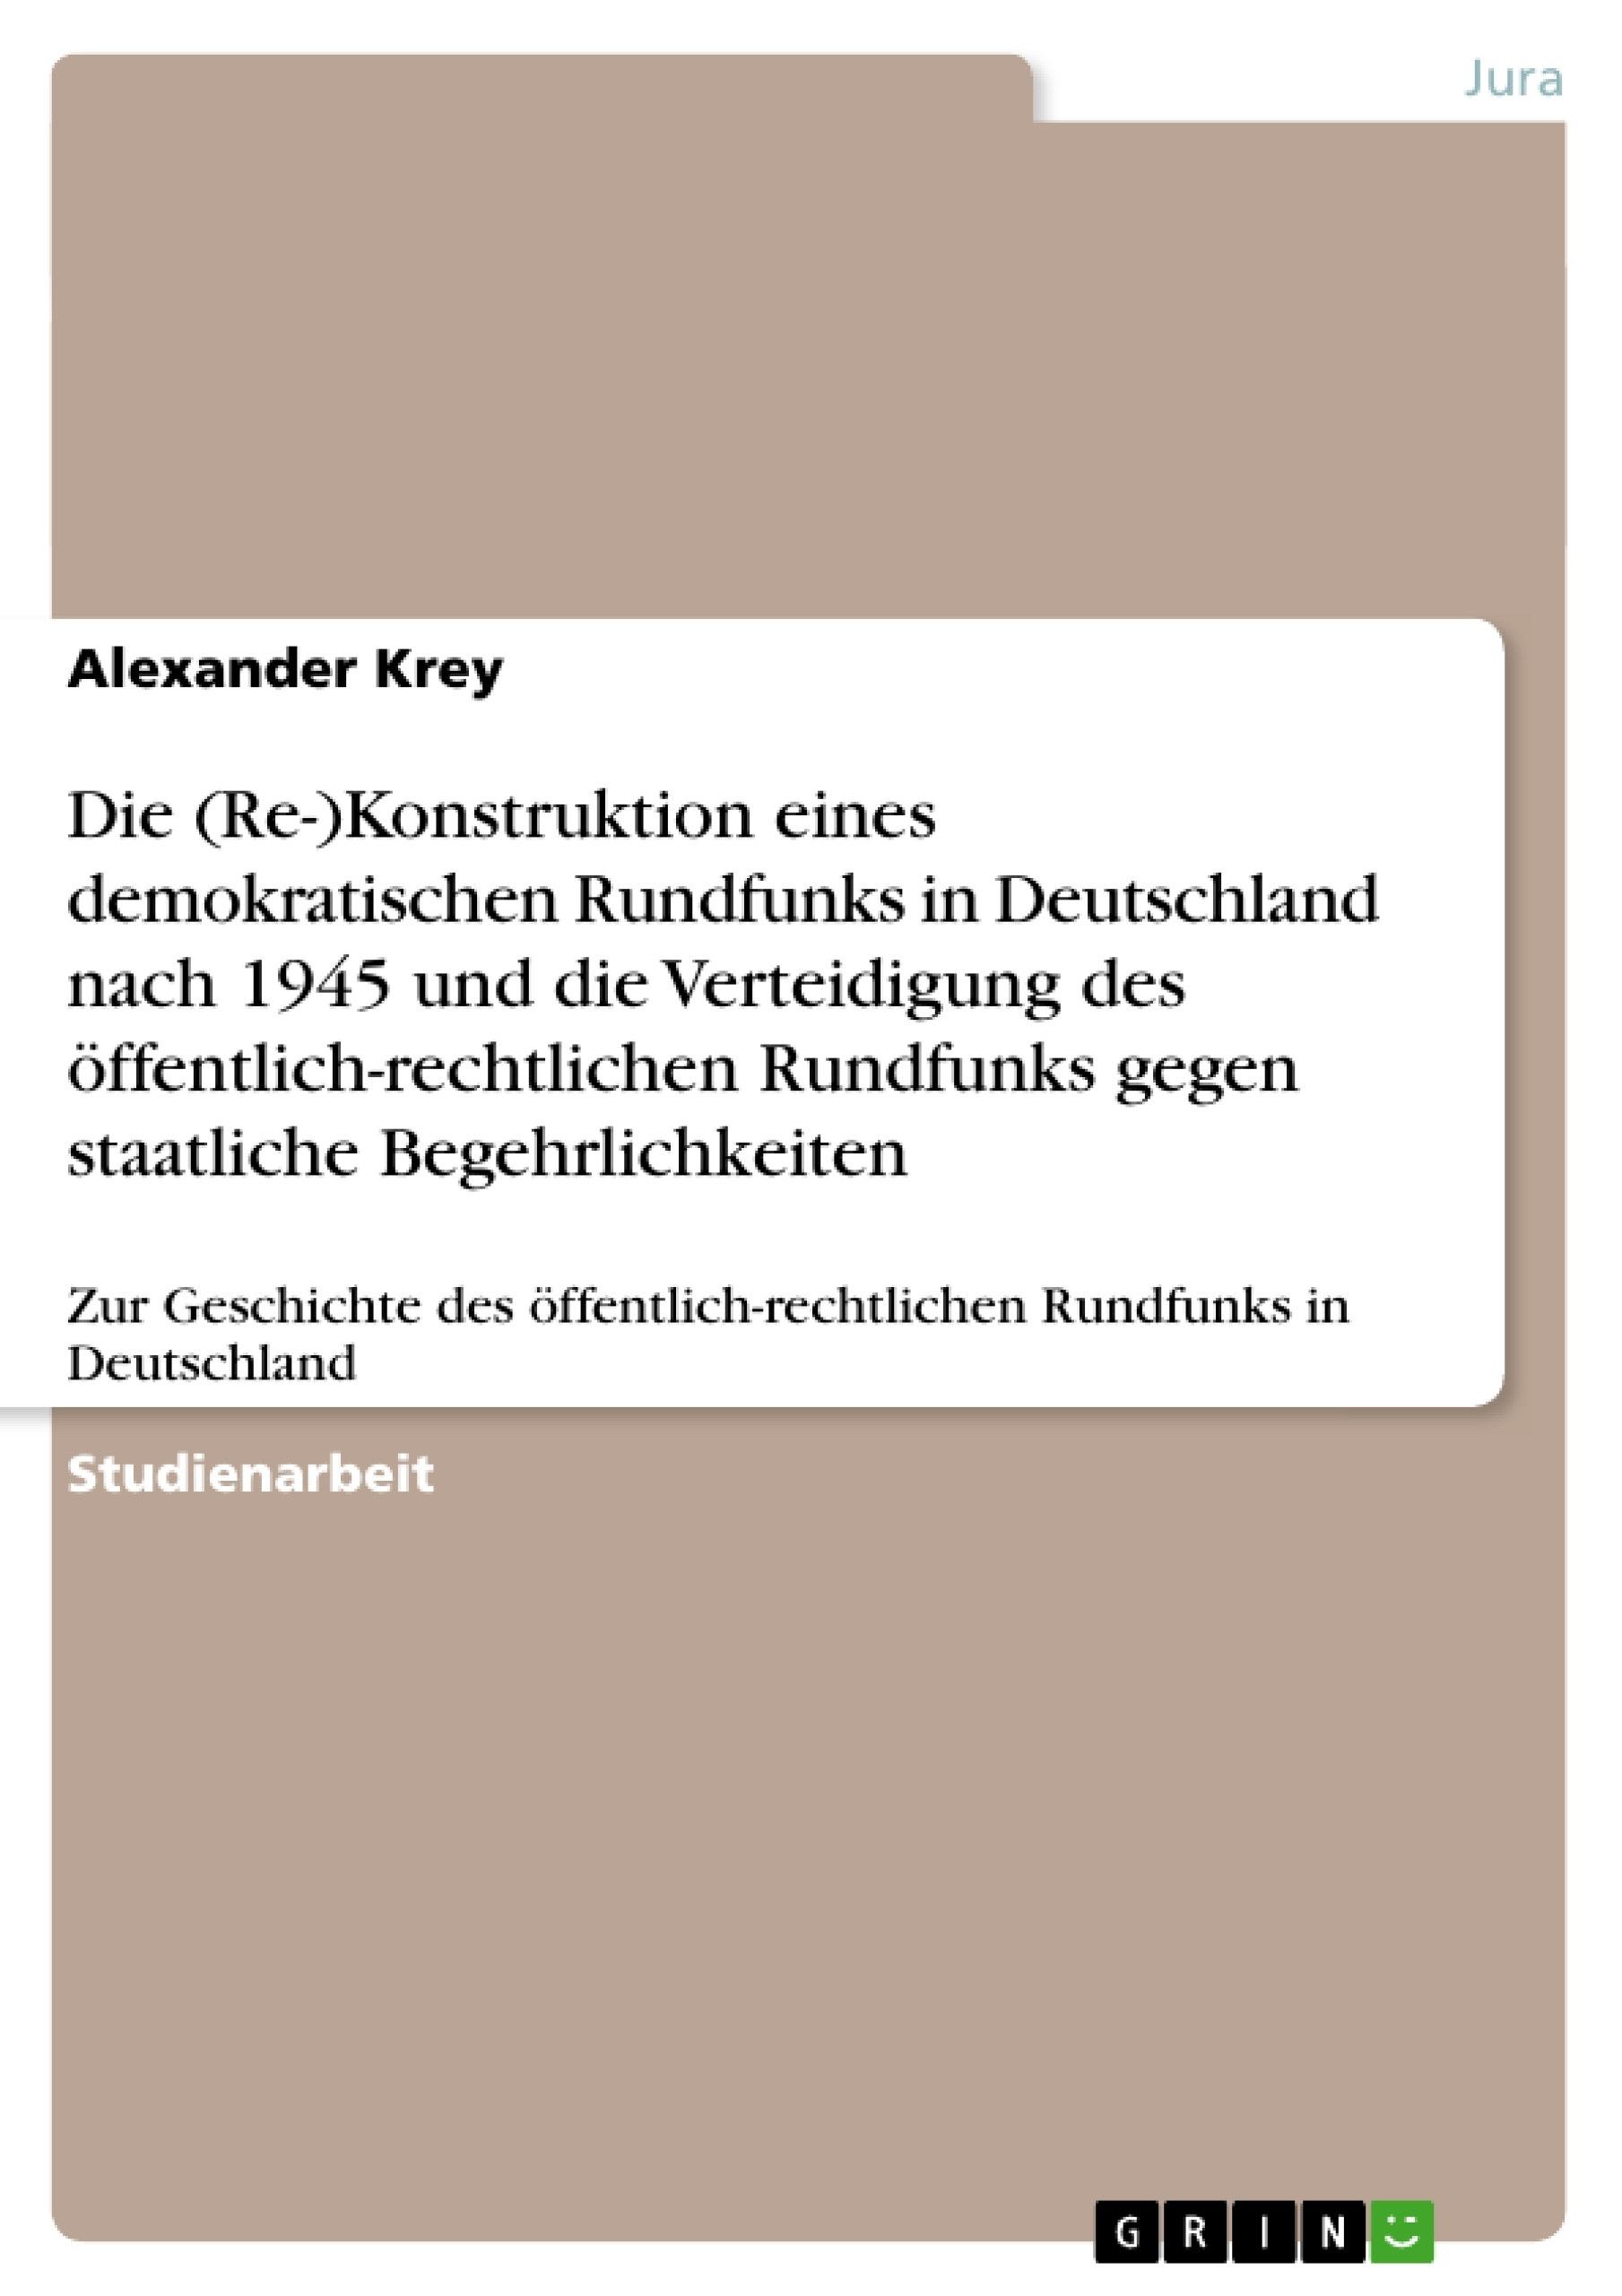 Titel: Die (Re-)Konstruktion eines demokratischen Rundfunks in Deutschland nach 1945 und die Verteidigung des öffentlich-rechtlichen Rundfunks gegen staatliche Begehrlichkeiten